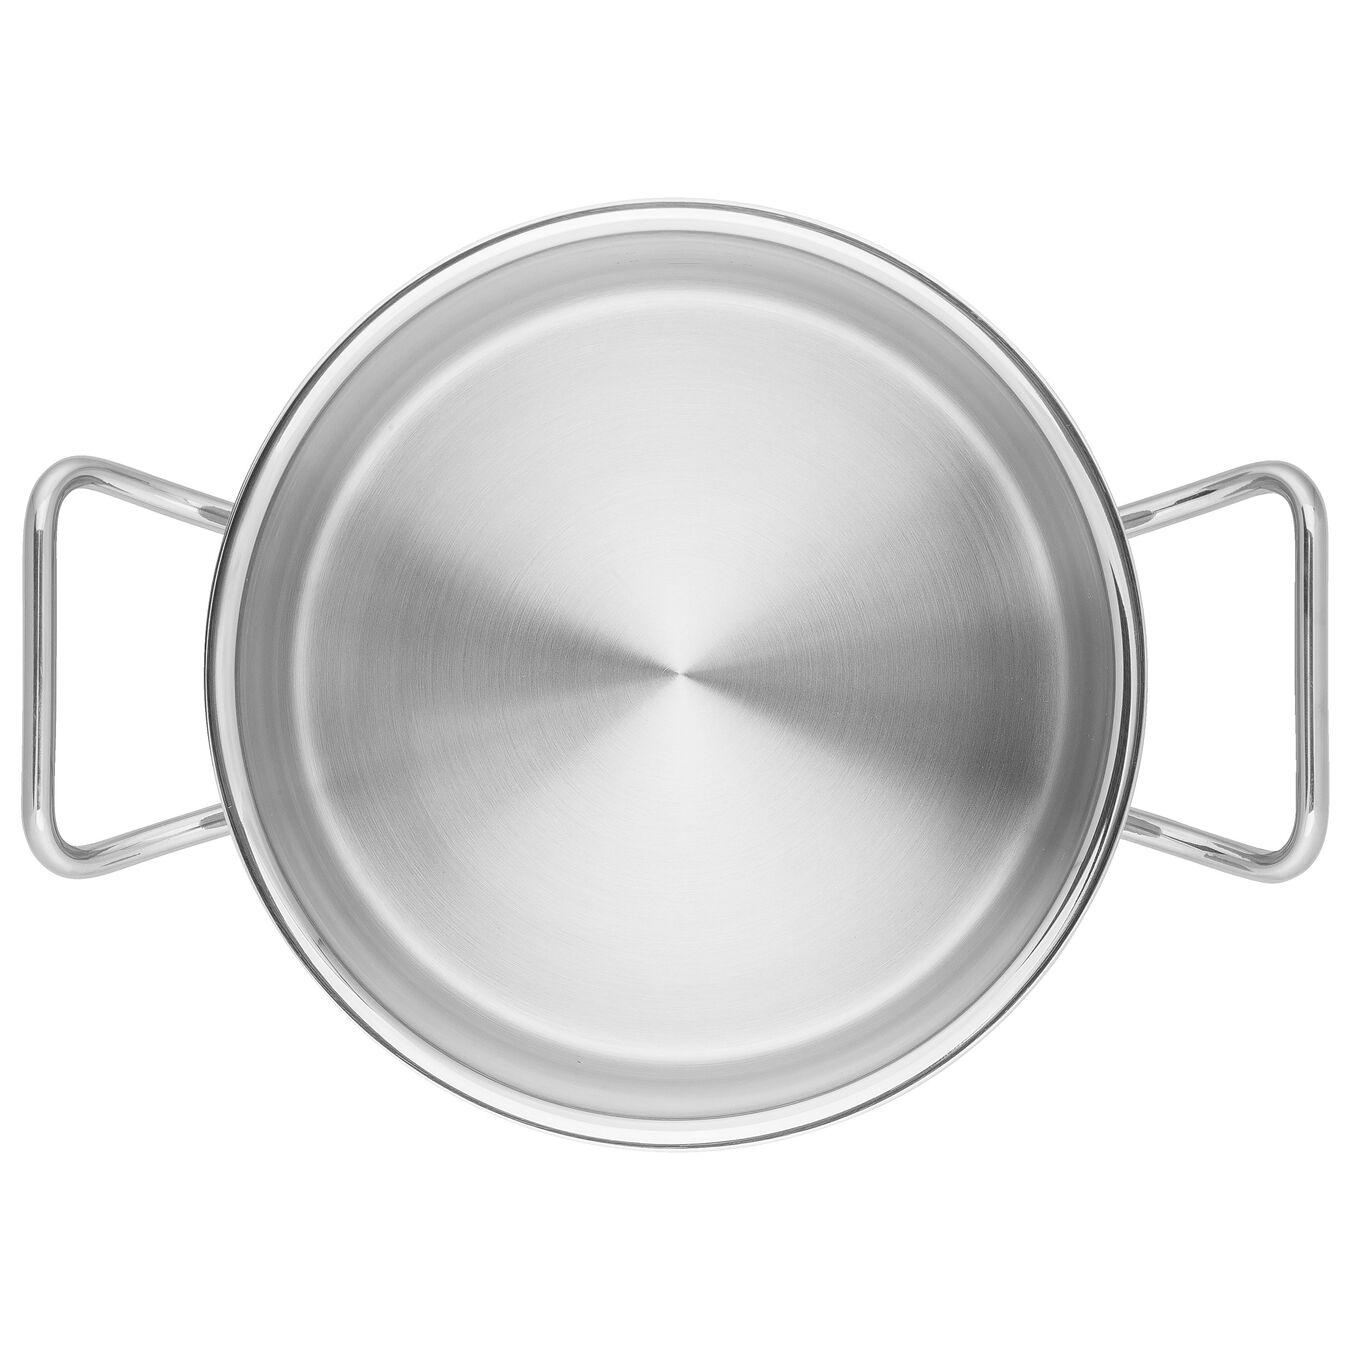 Pentola alta - 28 cm, acciaio,,large 6